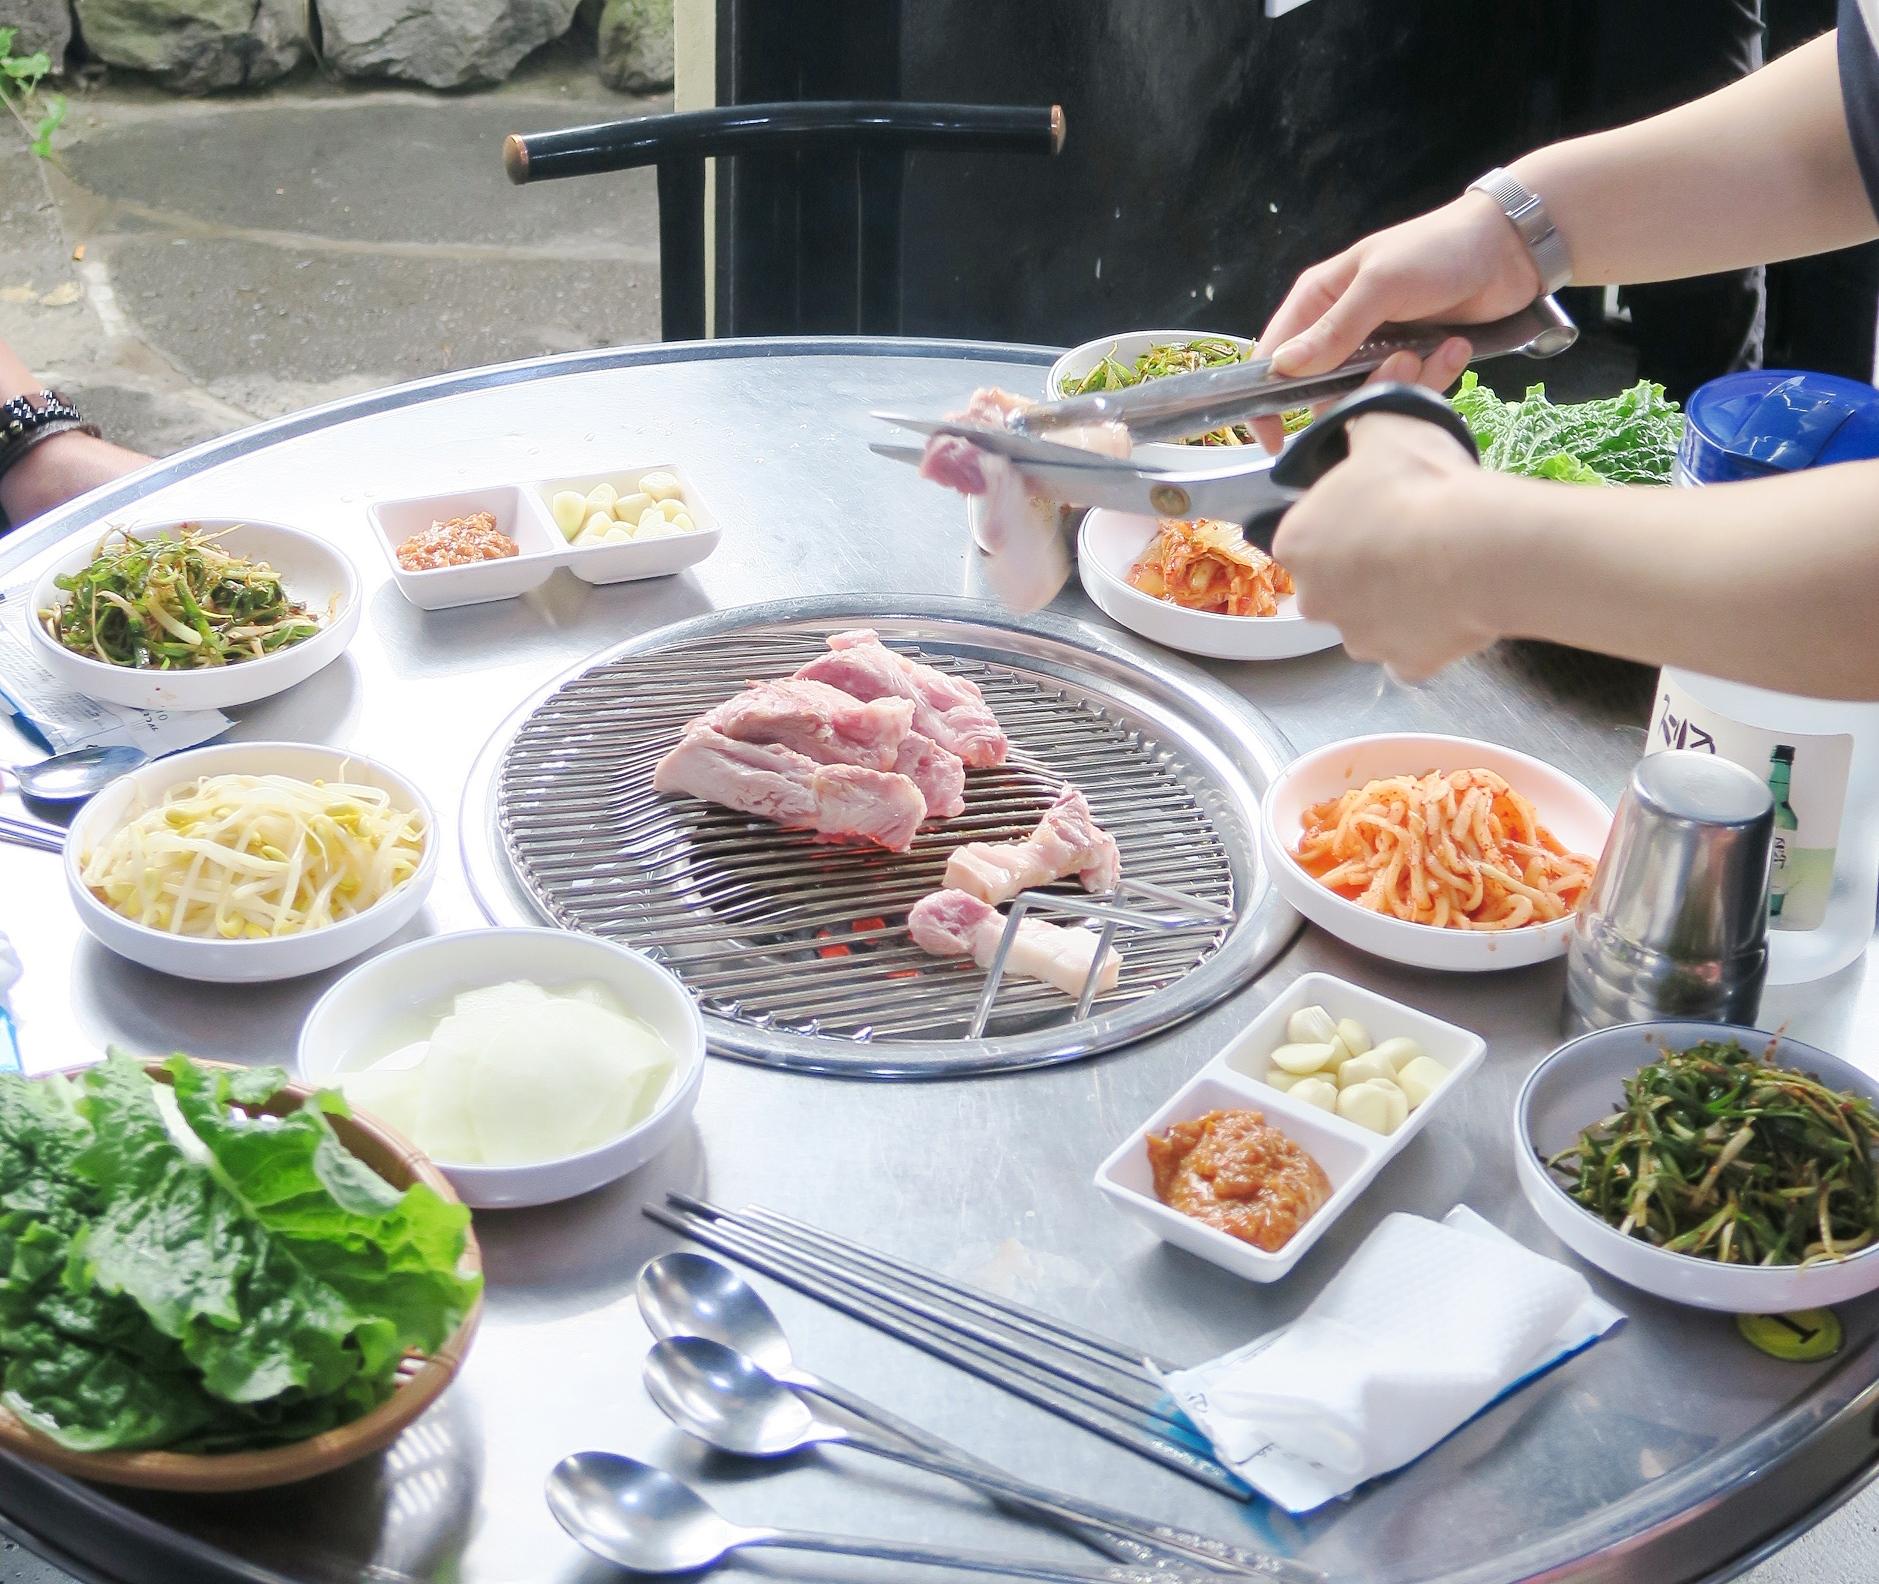 済州島名産の黒豚の焼肉(2日目の夕食例)